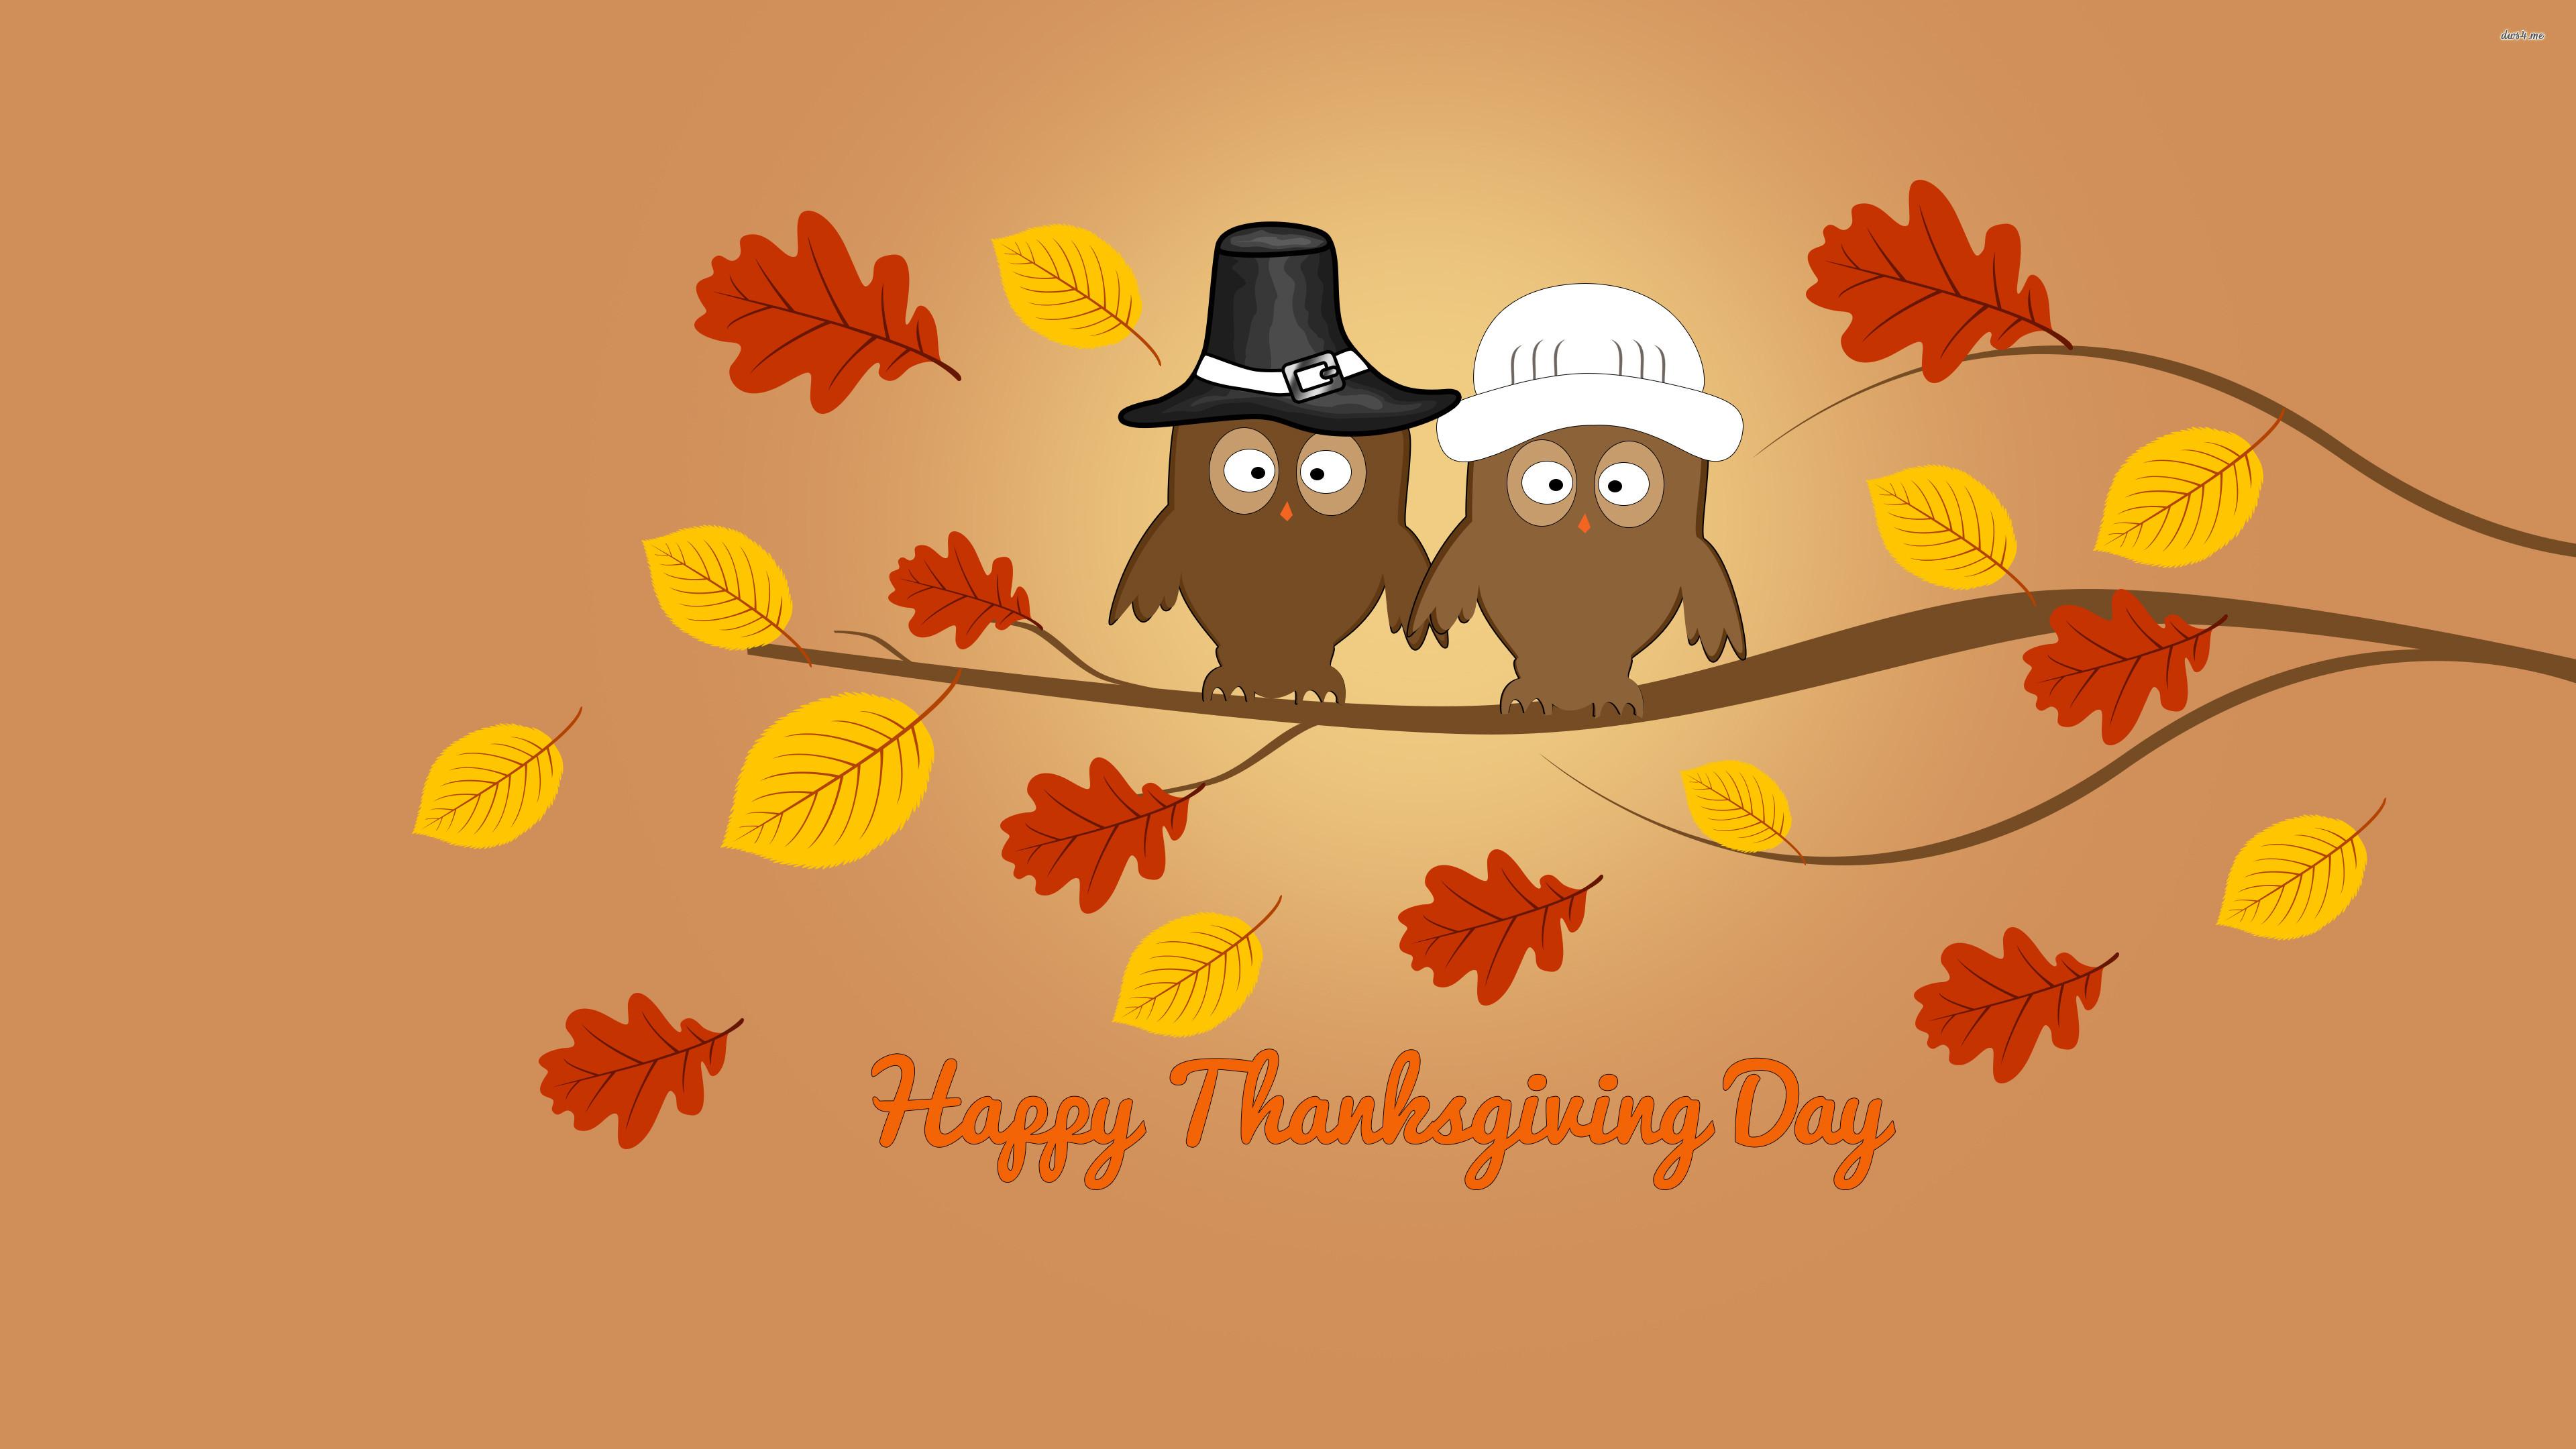 Thanksgiving Wallpaper For Mobile Thanksgiving Wallpaper - Thanksgiving Wallpaper Desktop - HD Wallpaper